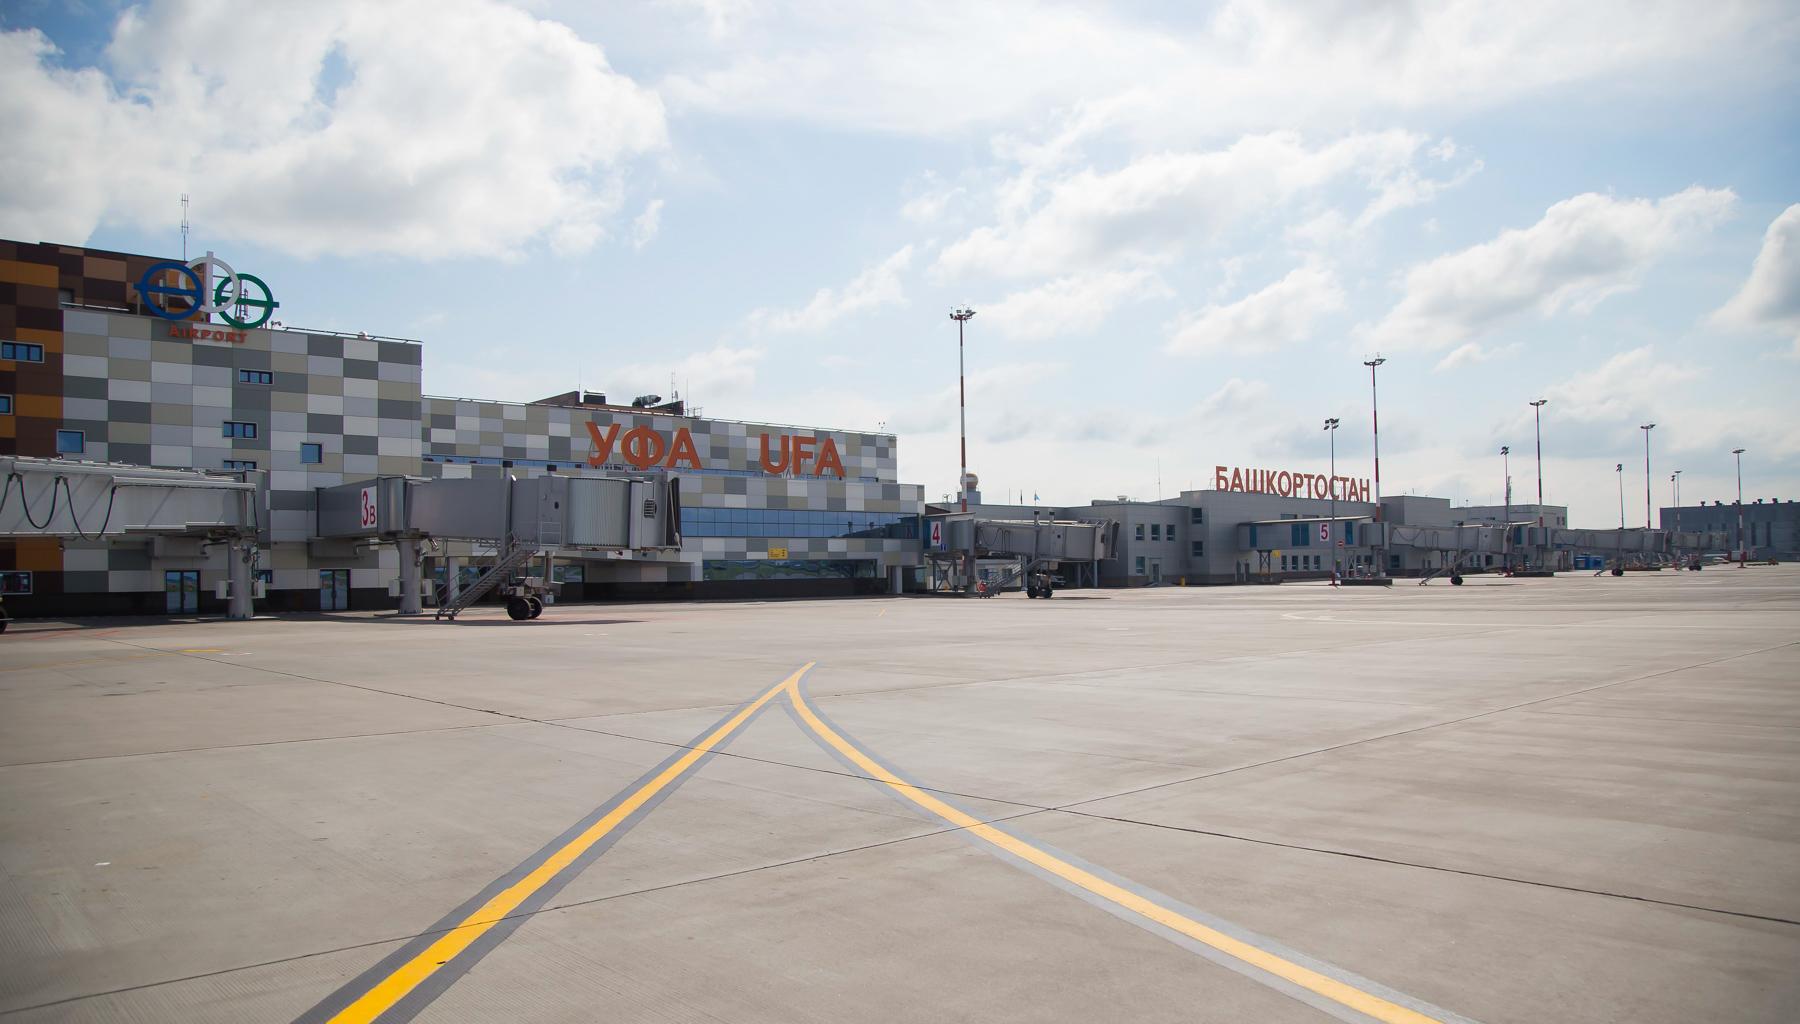 Оба терминала располагают телескопическими трапами